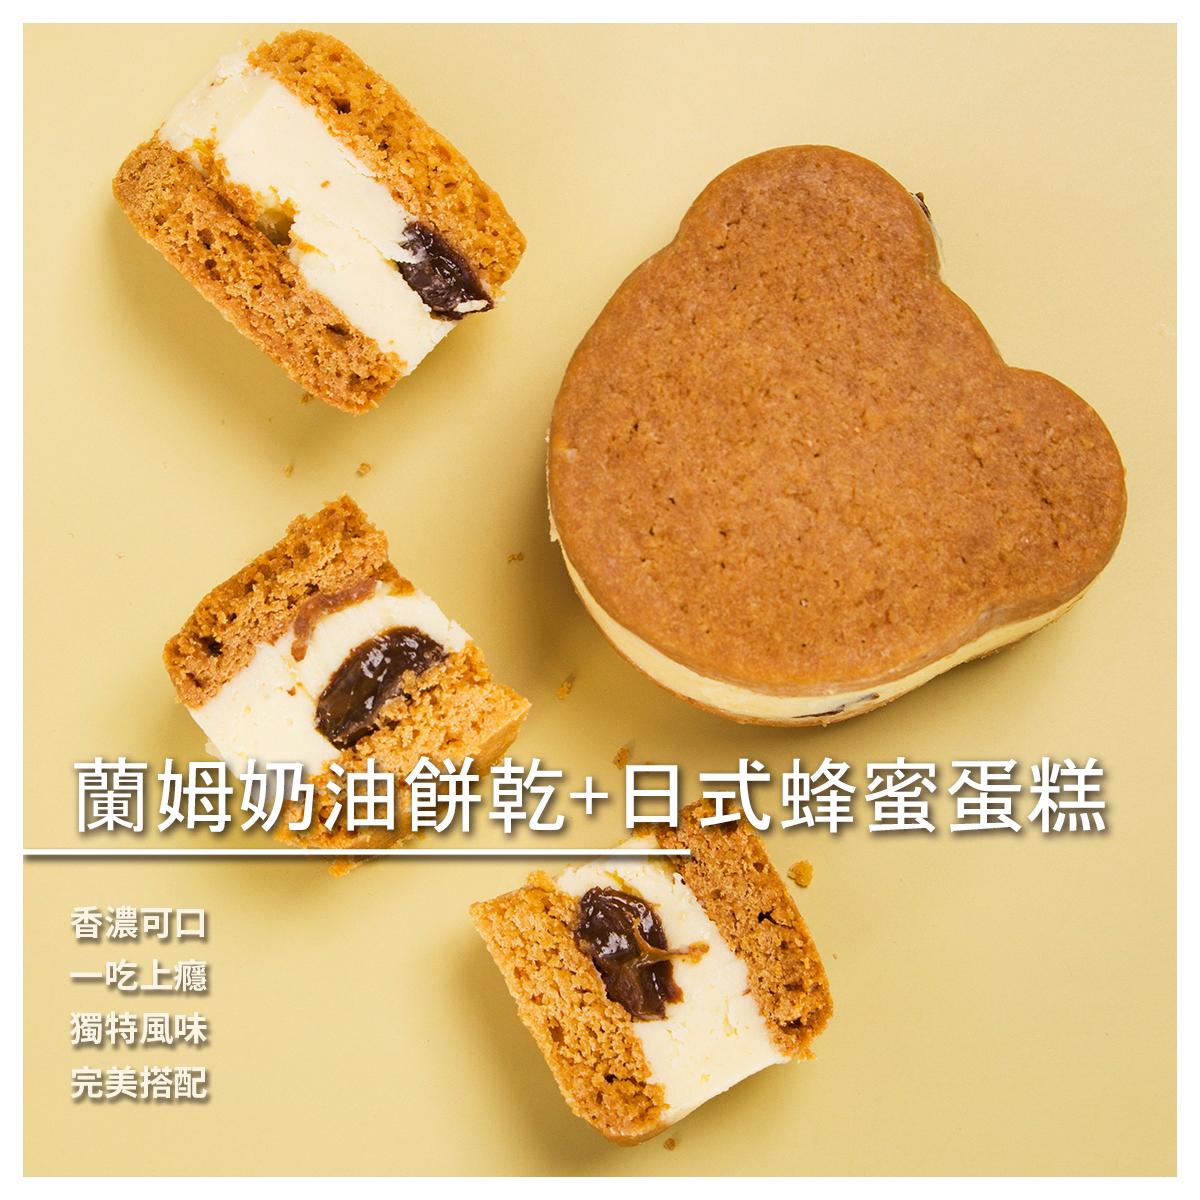 【永安61生態農場】4盒蘭姆奶油夾心餅乾+2盒日式蜂蜜蛋糕